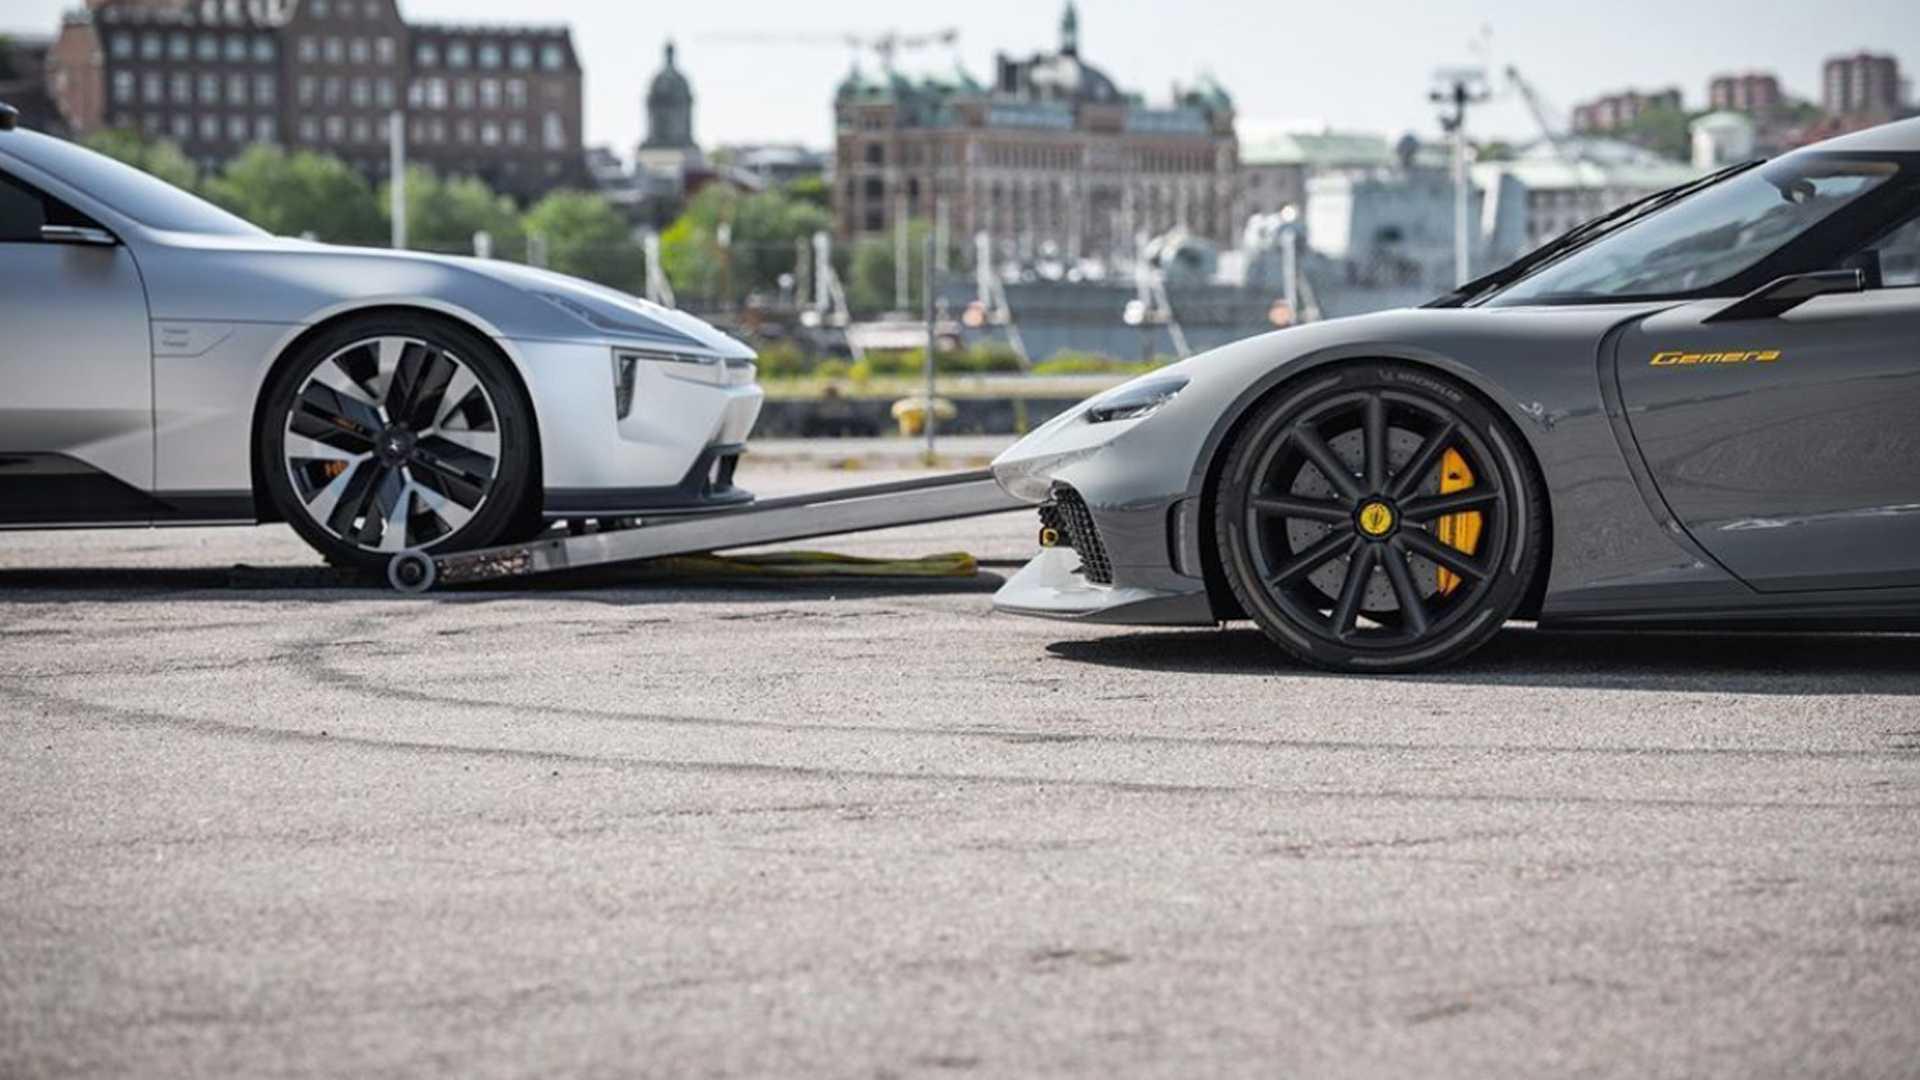 Казалось бы, компании Koenigsegg и Polestar объединяет лишь шведское происхождение, а во всём остальном между ними нет ничего общего: первая делает безумные гиперкары, вторая – электромобили. Однако две фирмы объявили о таинственном совместном проекте.